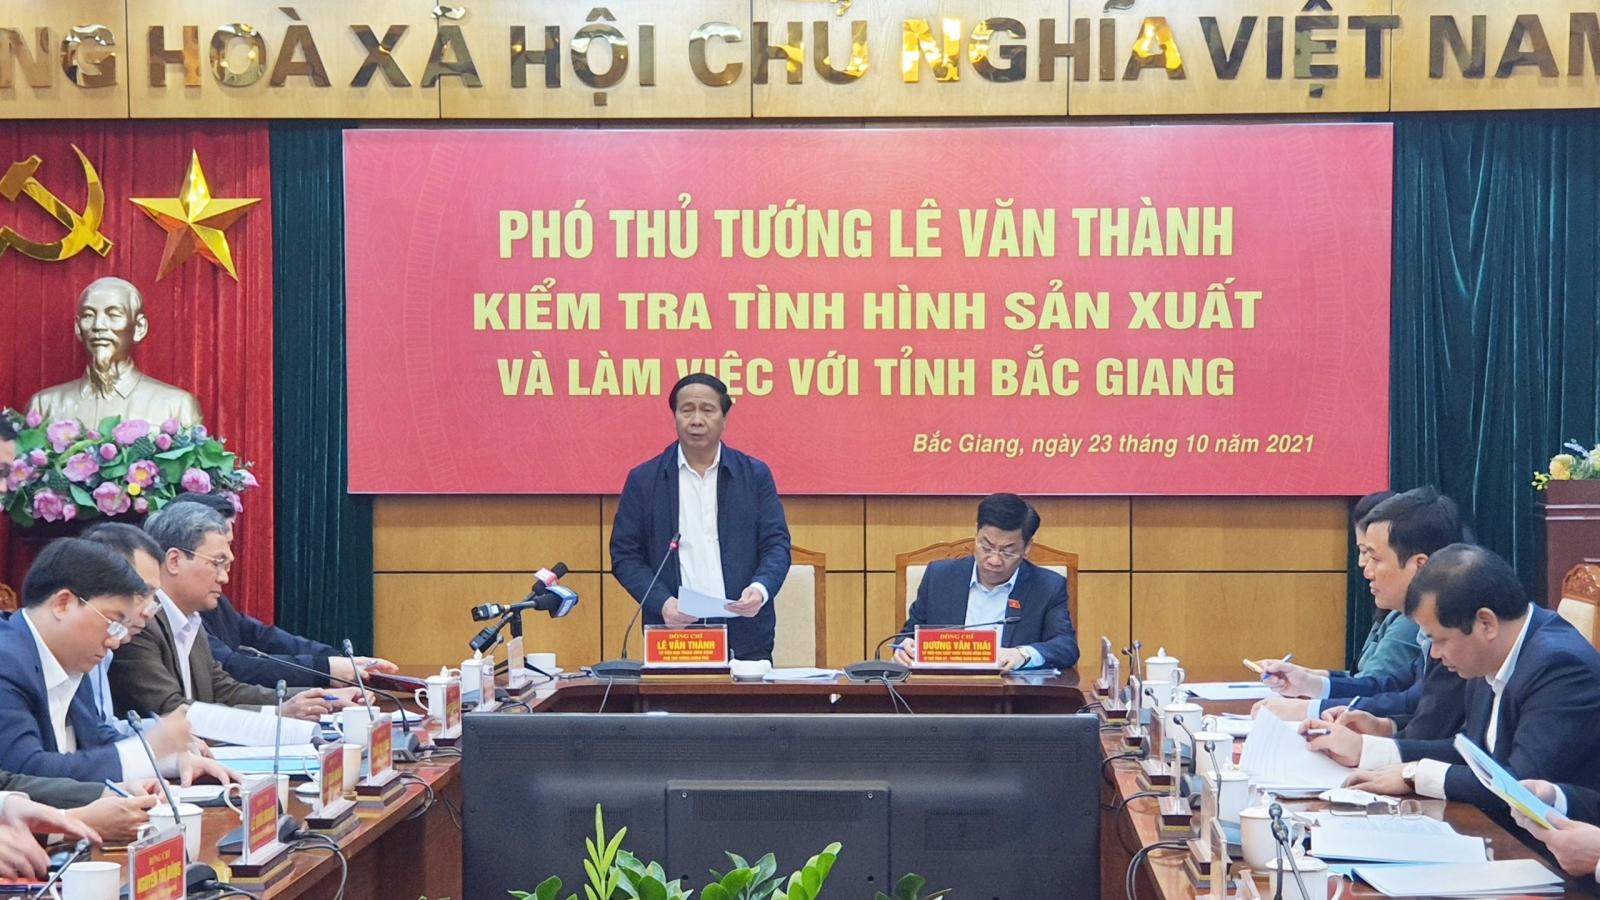 Bắc Giang xây dựng KCN phải có đất xây nhà ở cho công nhân